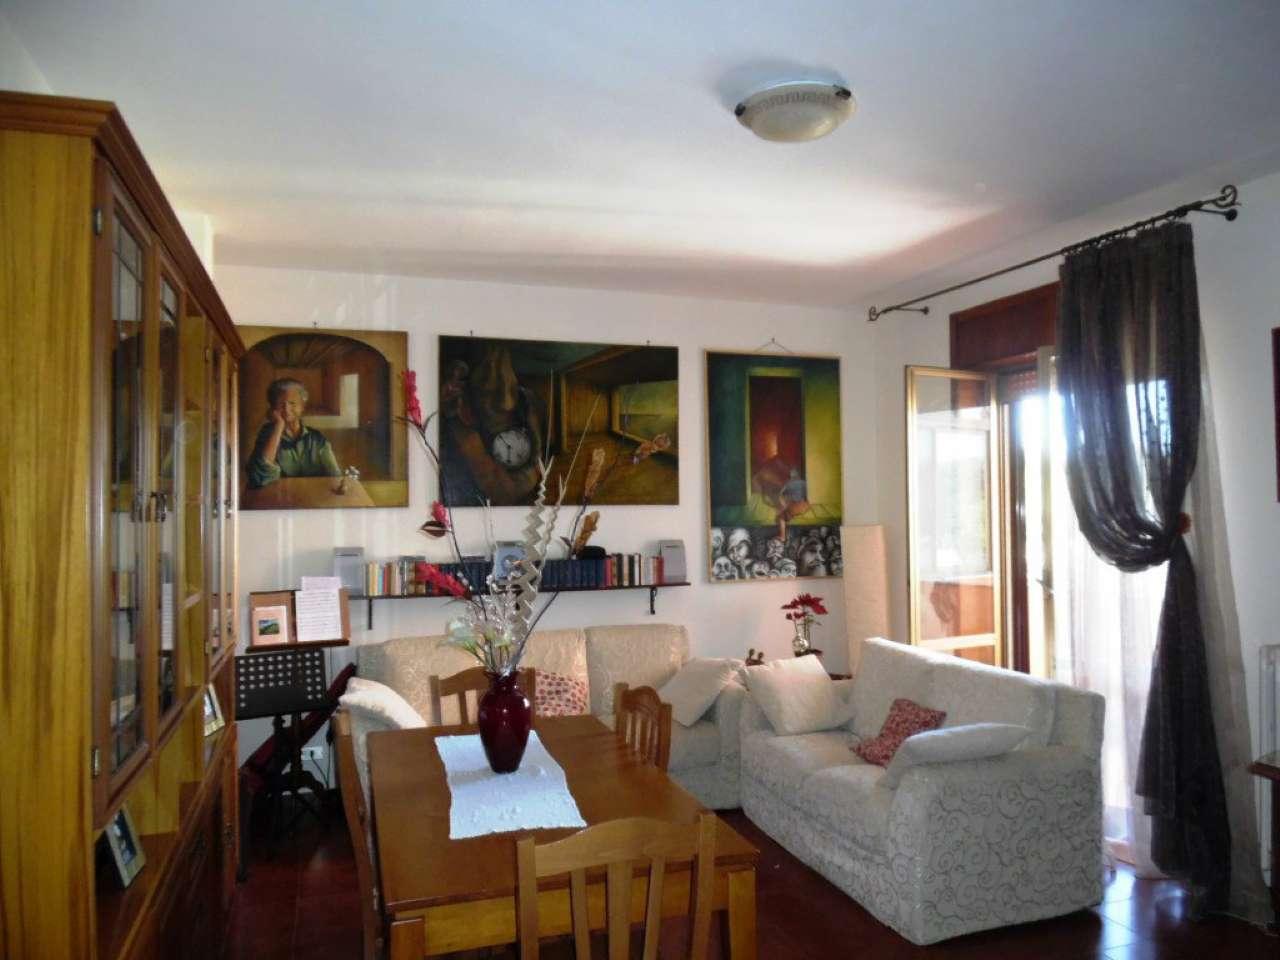 Appartamento in vendita a Calimera, 6 locali, prezzo € 105.000 | Cambio Casa.it